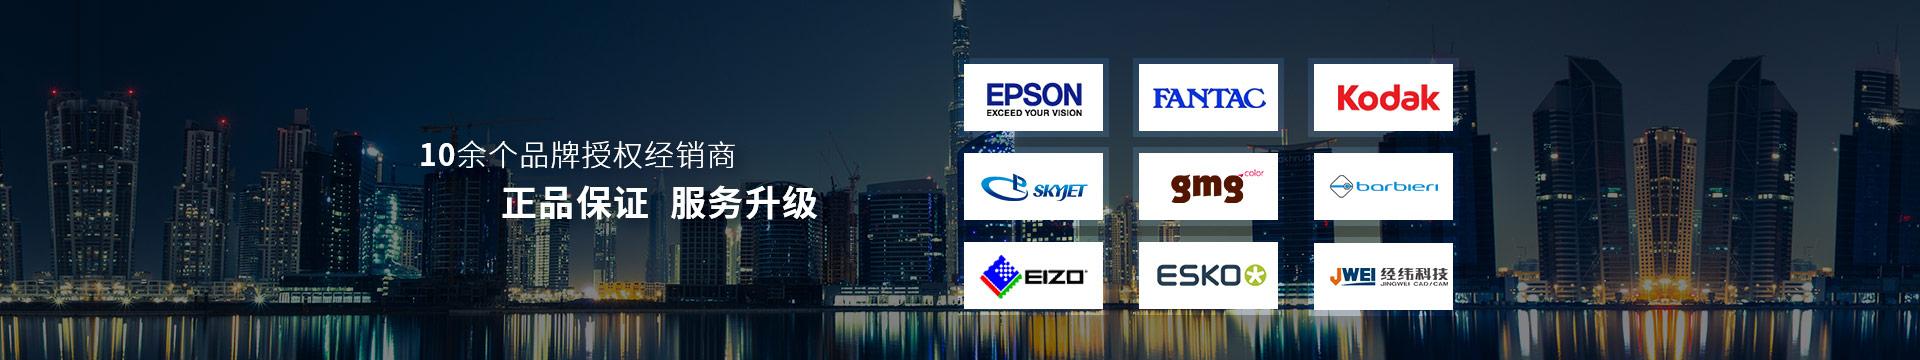 上海策天-10余个品牌授权经销商,正品保证,服务升级